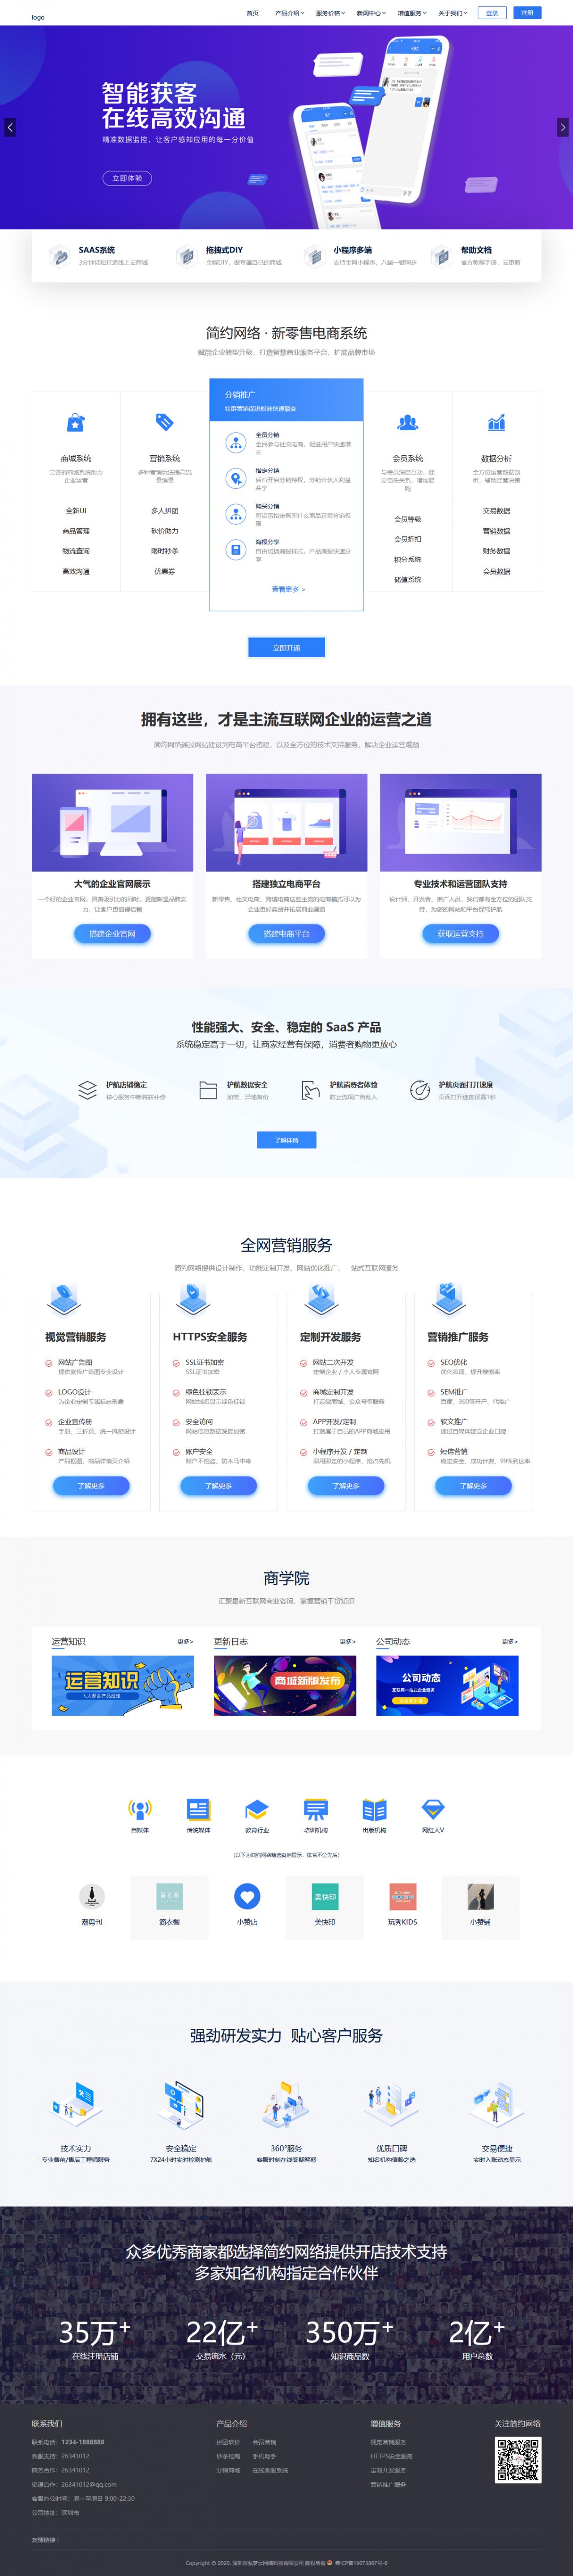 2021新版社交电商官网/卡盟租号官网/商城陪玩官网/建站代刷官网